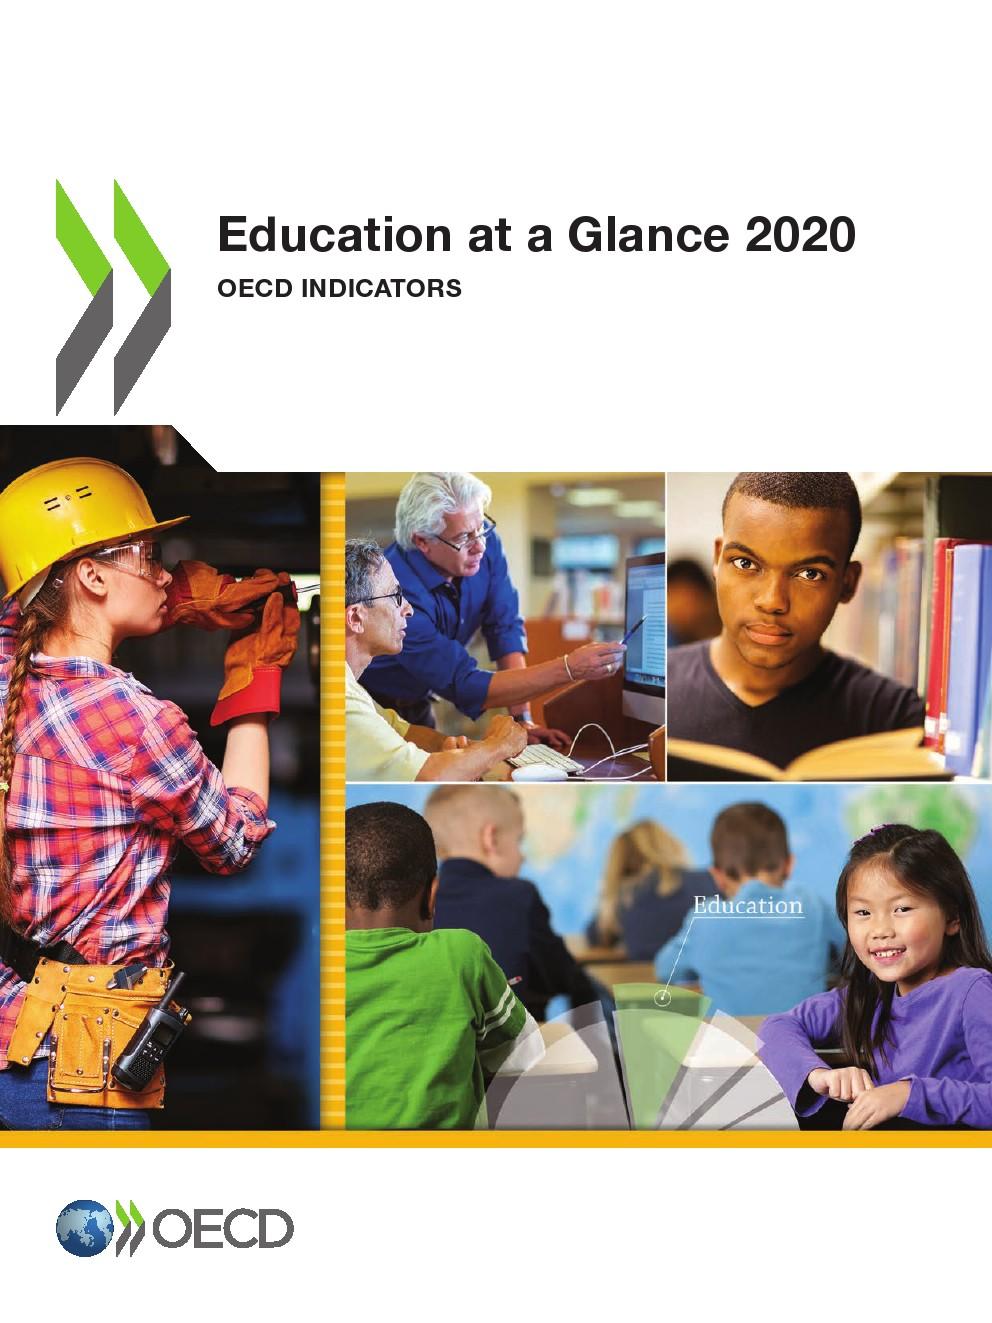 经合组织:2020年教育报告